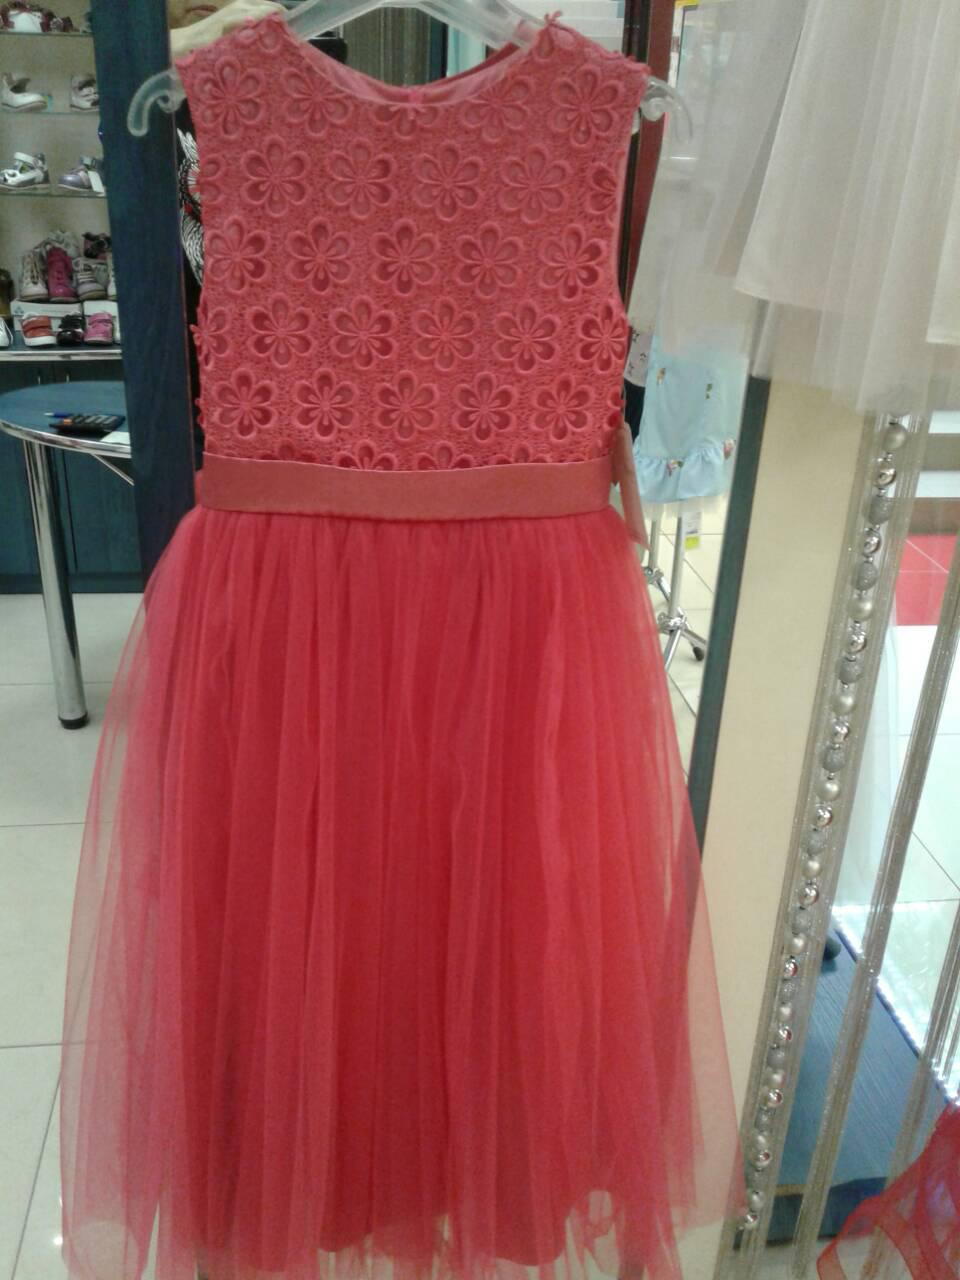 d879fe15383 Платье для девочки нарядное размеры от 7 до 10 лет -